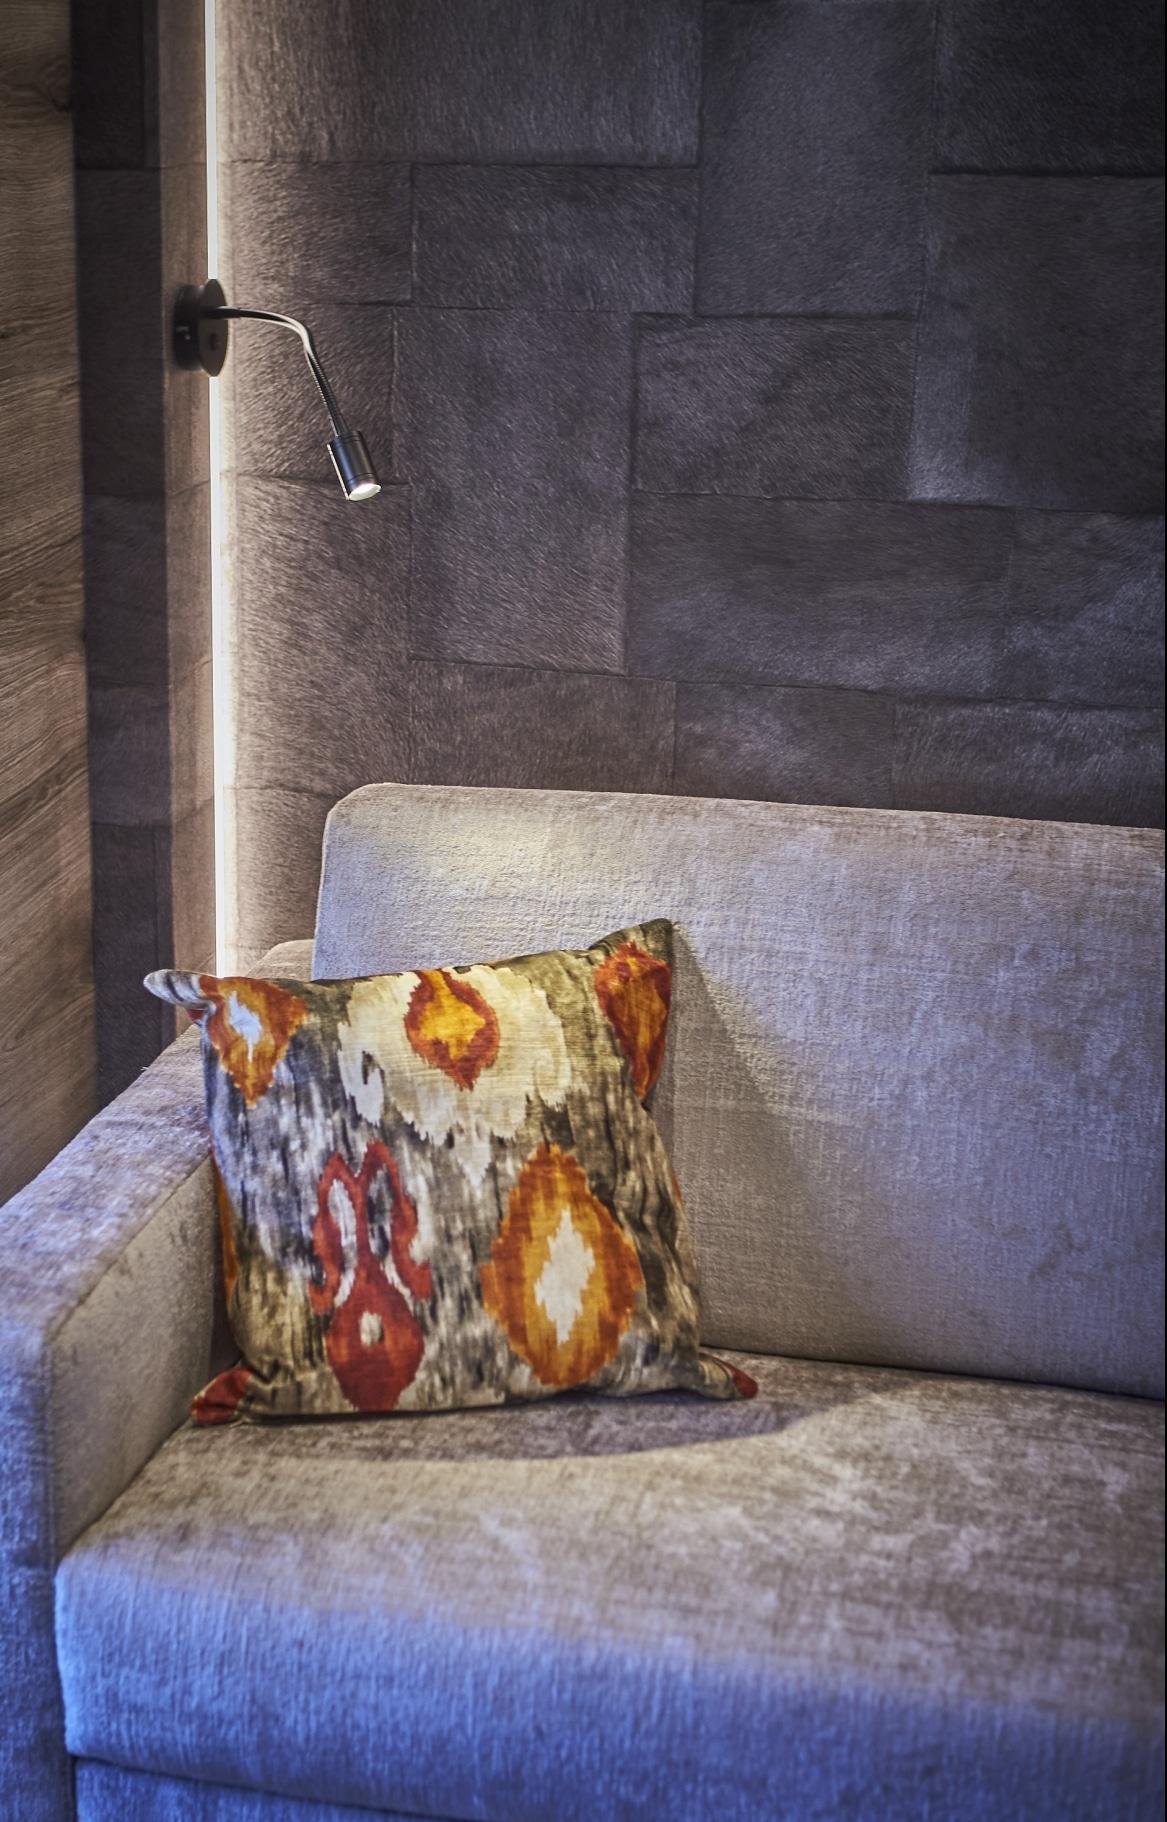 Detailaufnahme eines Polsters auf einer grauen COuch